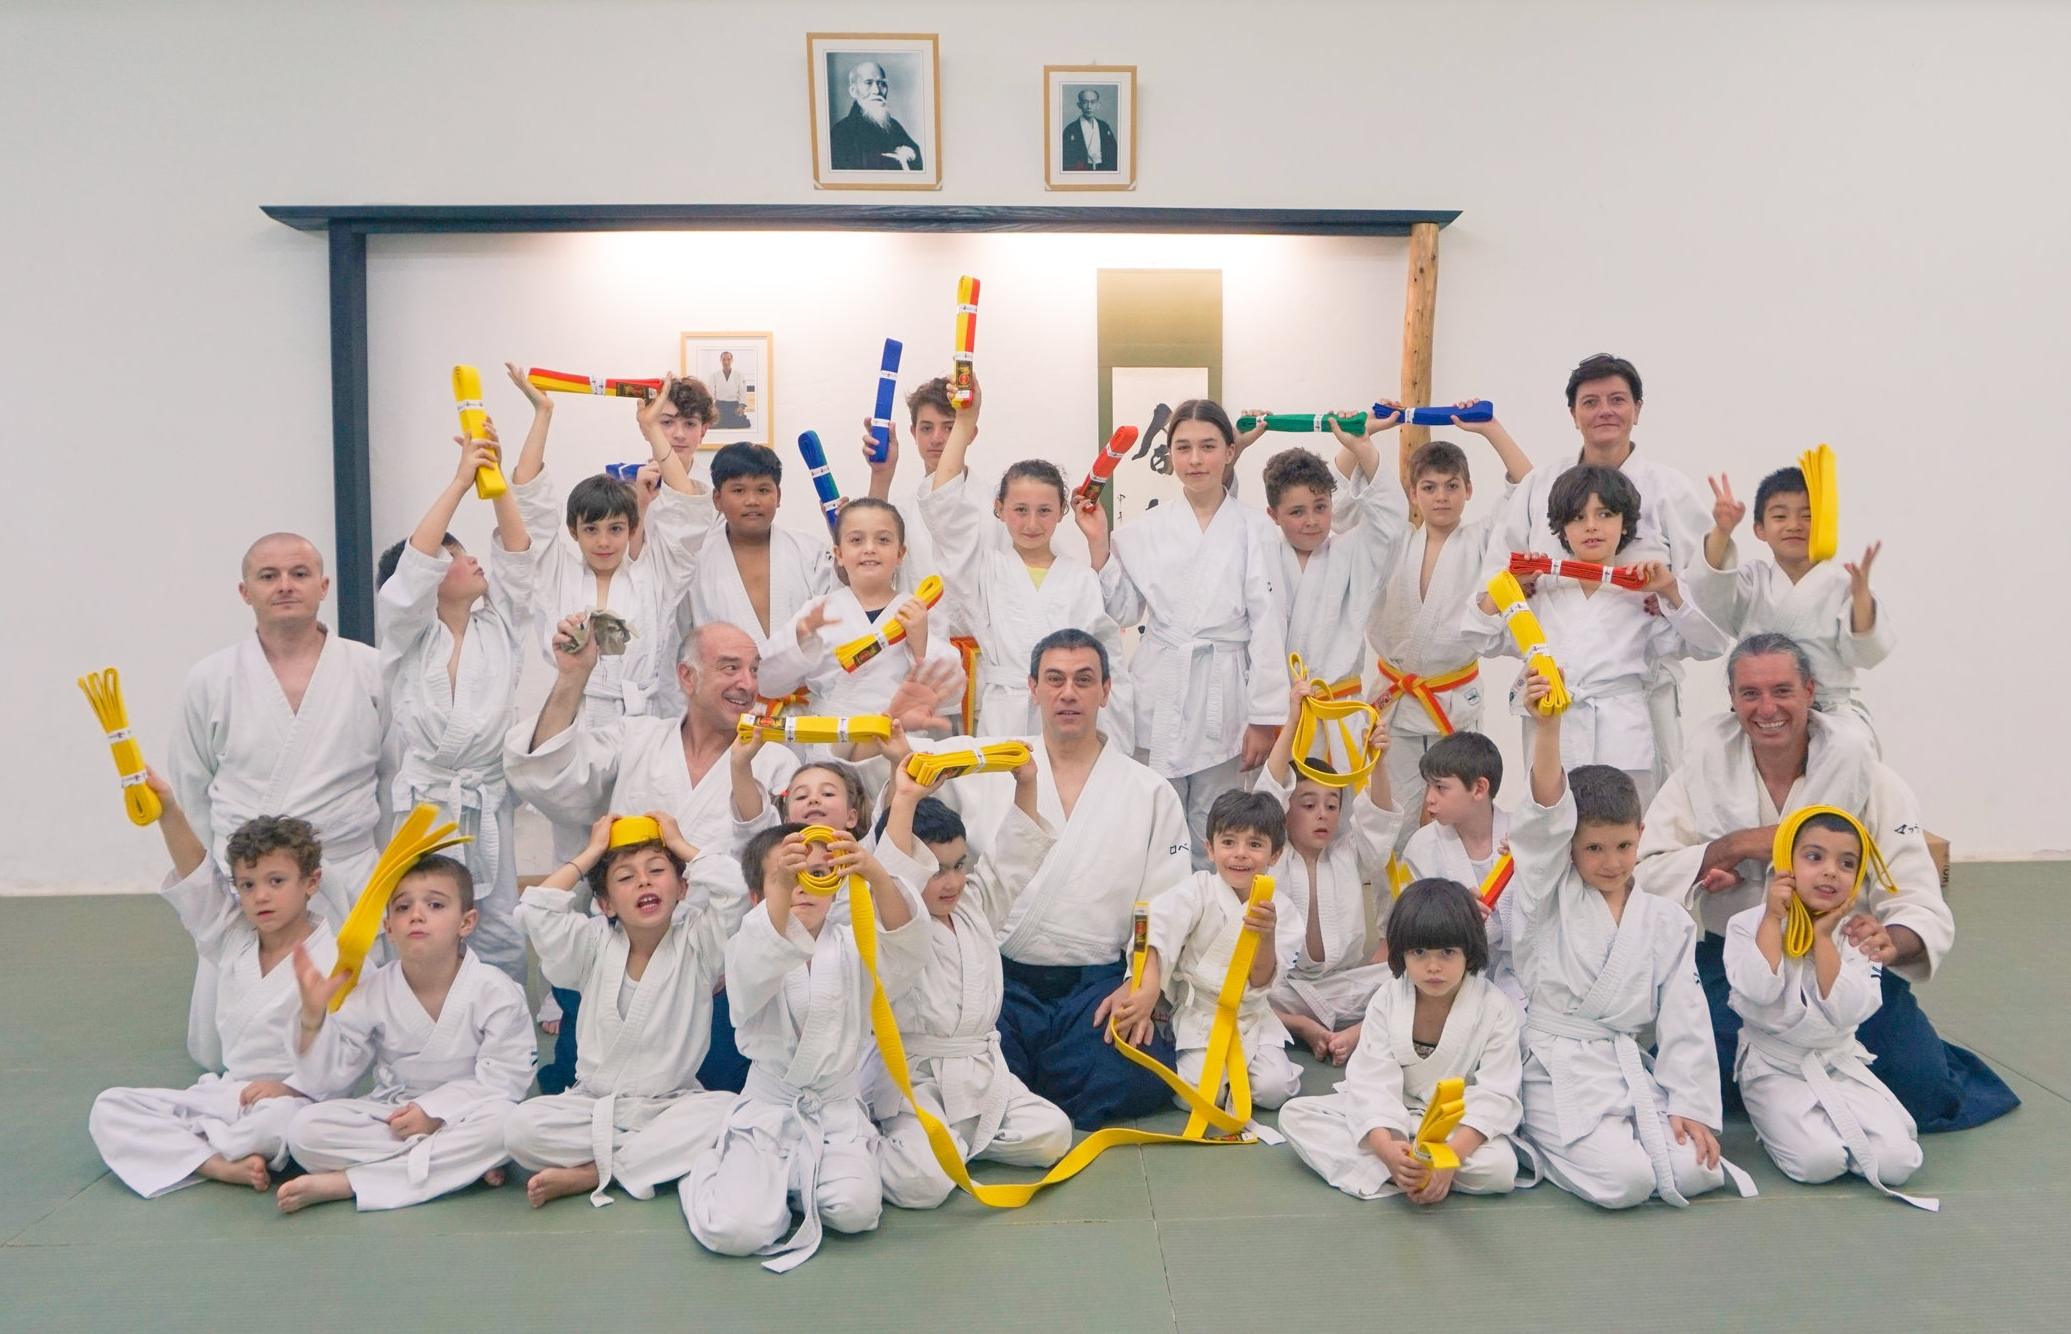 aikido-bologna-bambini-gruppo